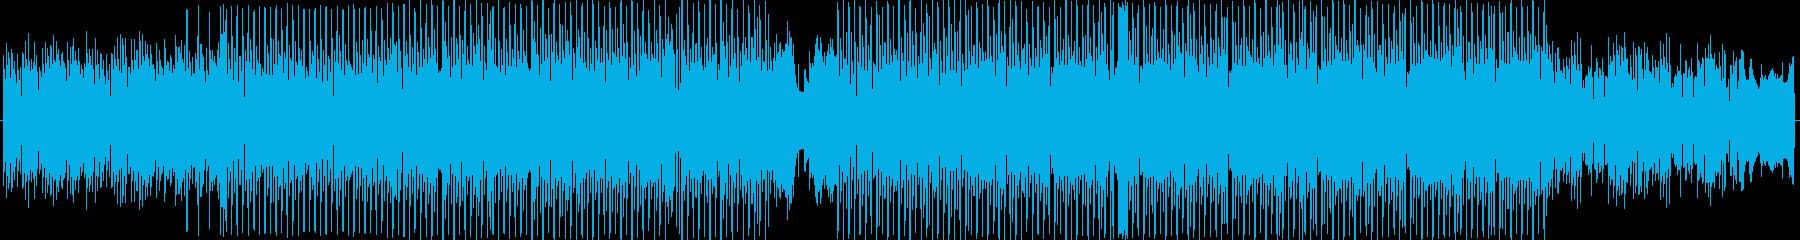 優しいキレイおしゃれカワイイ・ピアノ曲の再生済みの波形